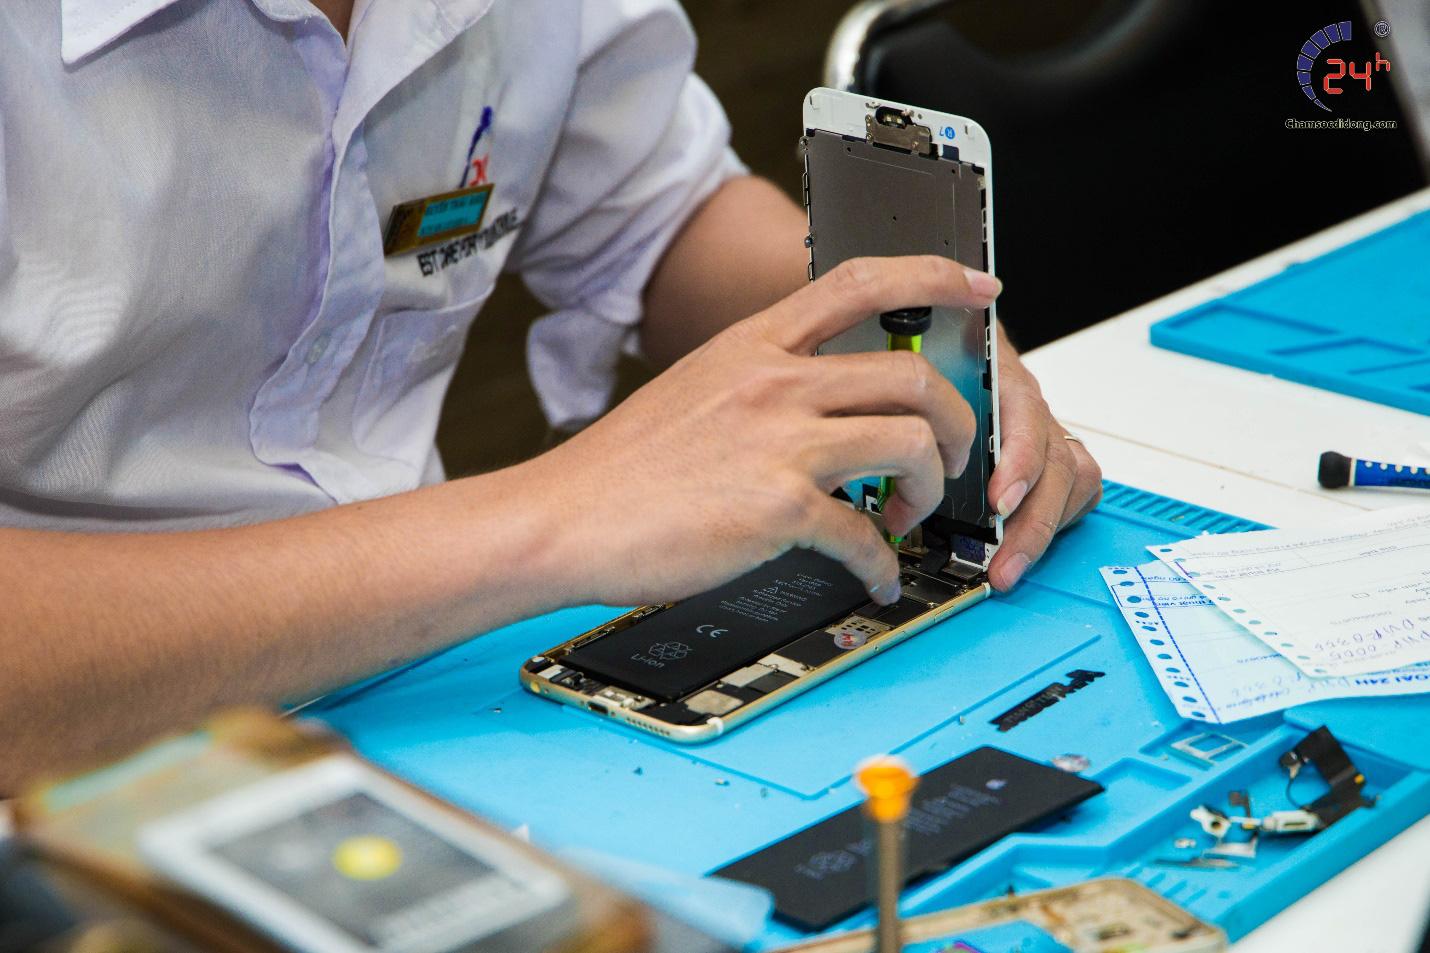 Thực hư chương trình thay pin iPhone giá 24.000 đồng, thật hay lừa đảo? - Ảnh 2.